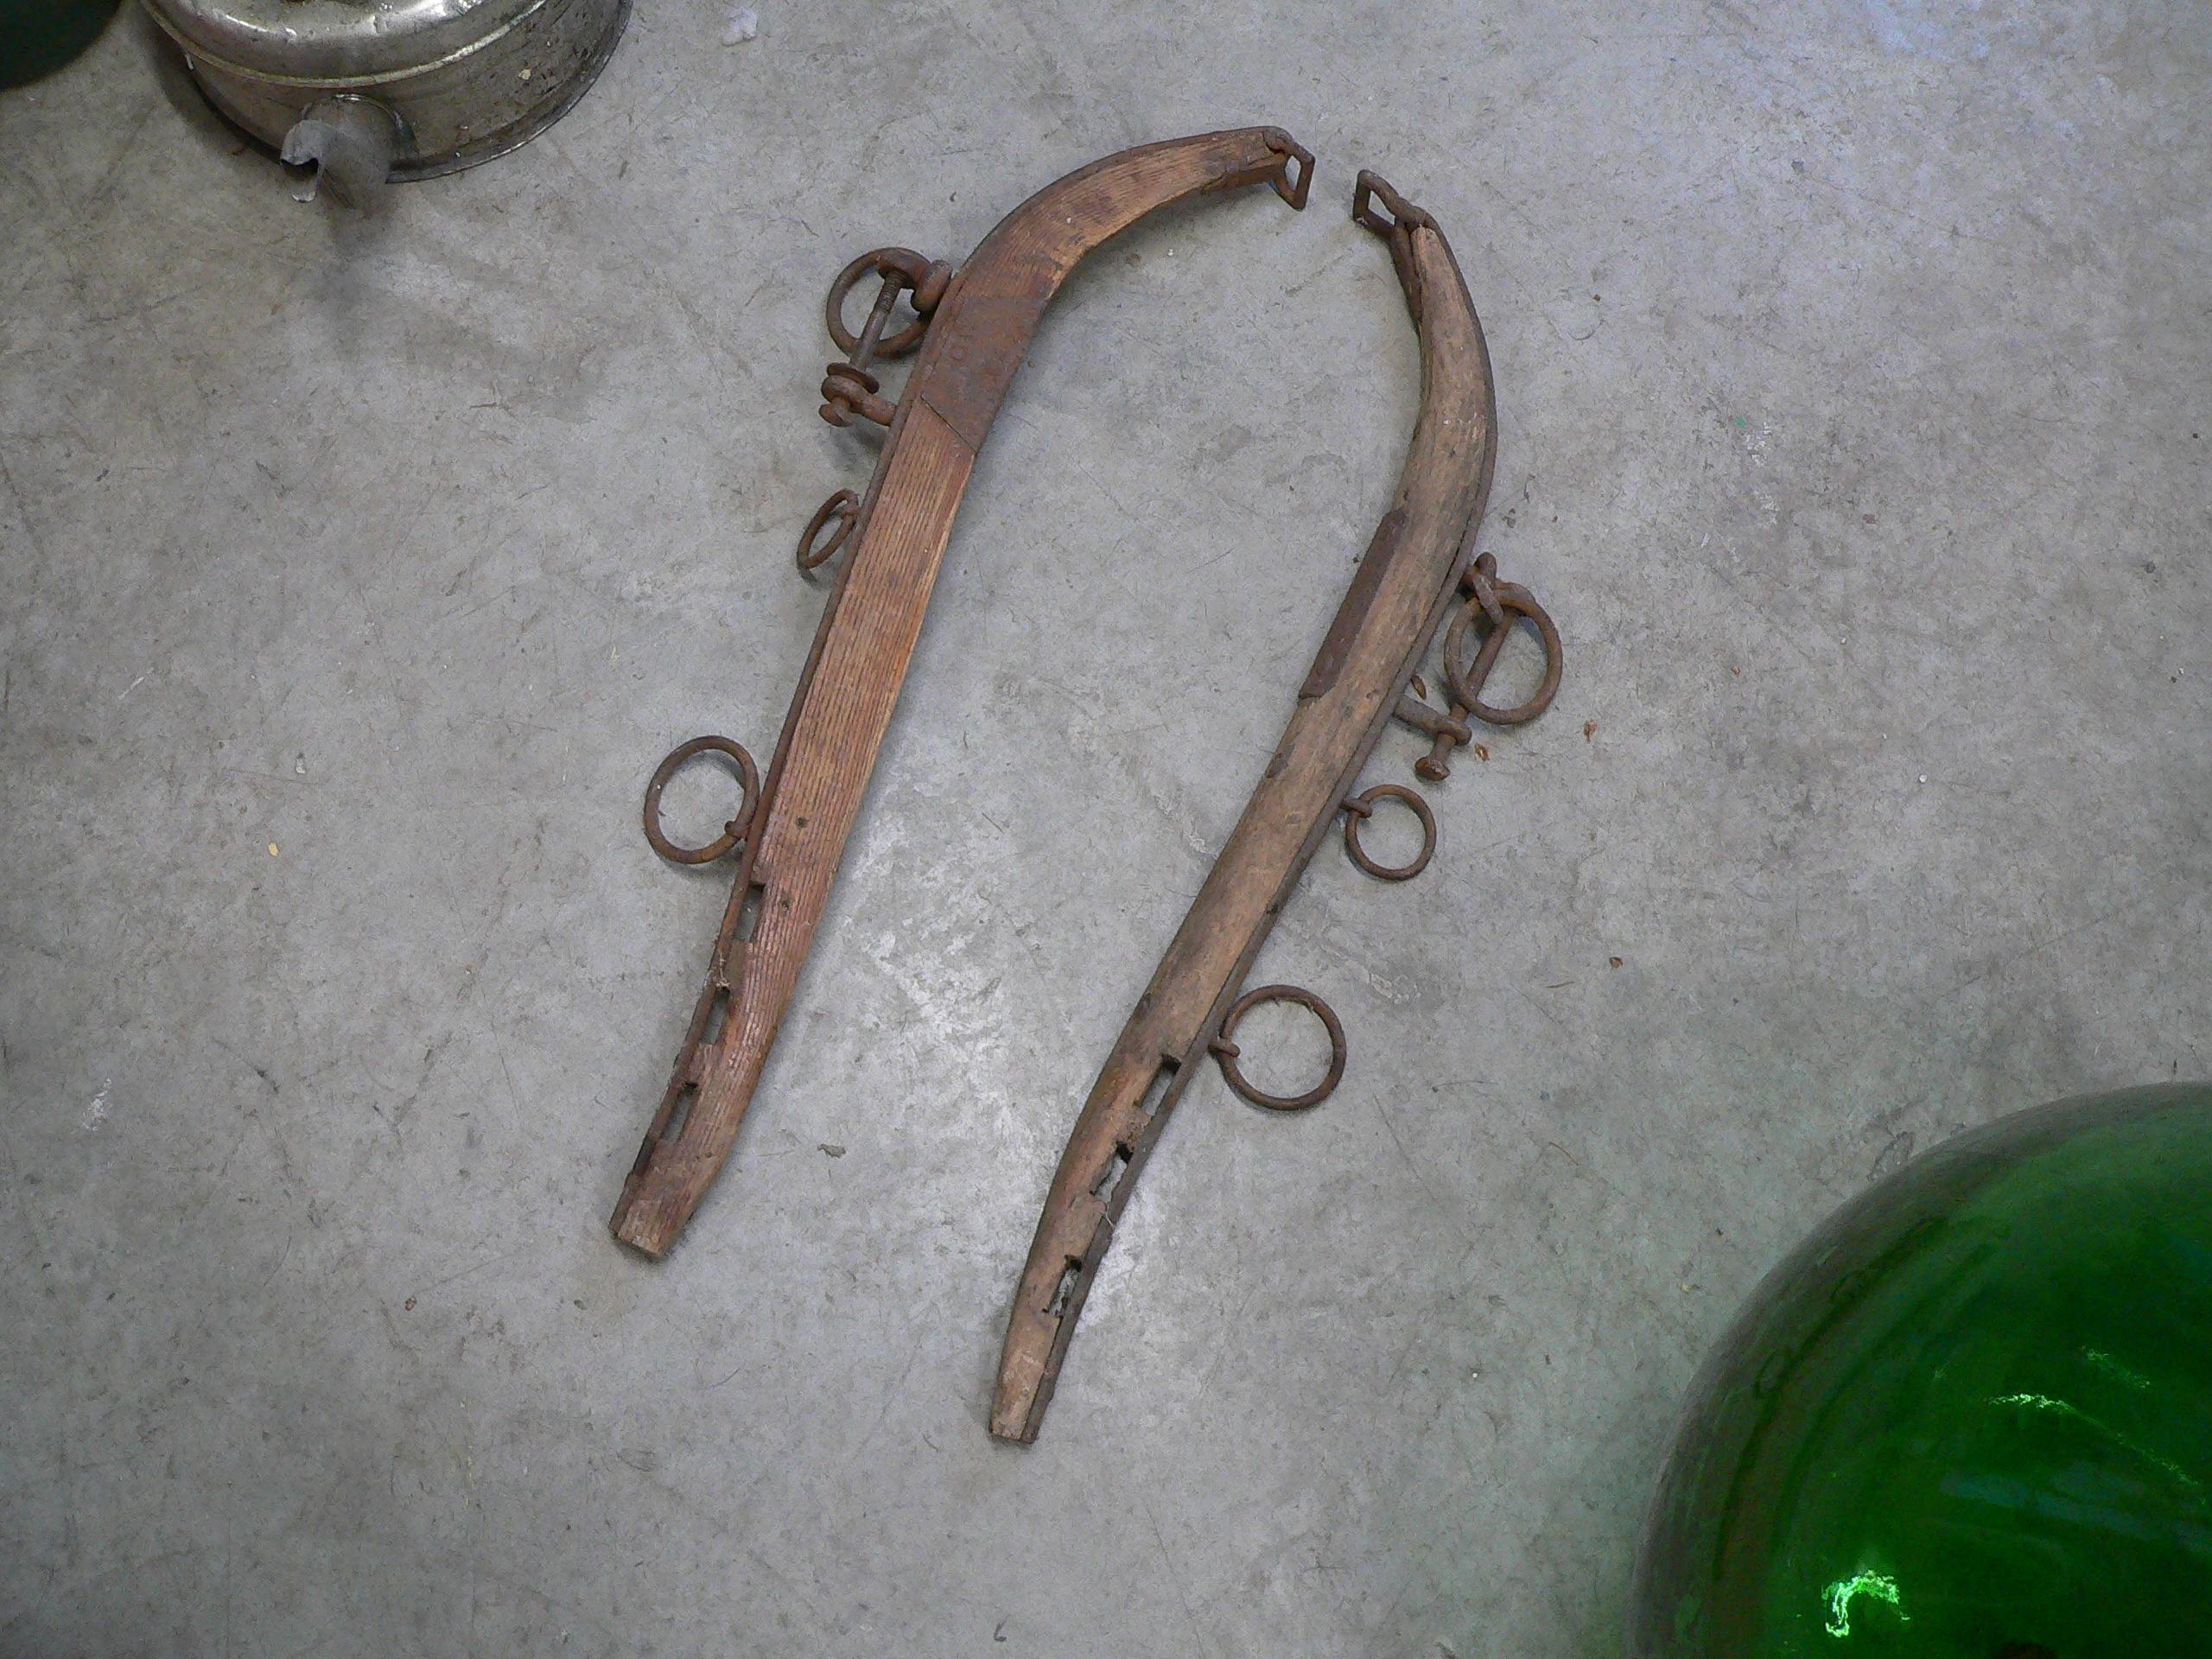 Paire de collier a cheval antique # 5604.22